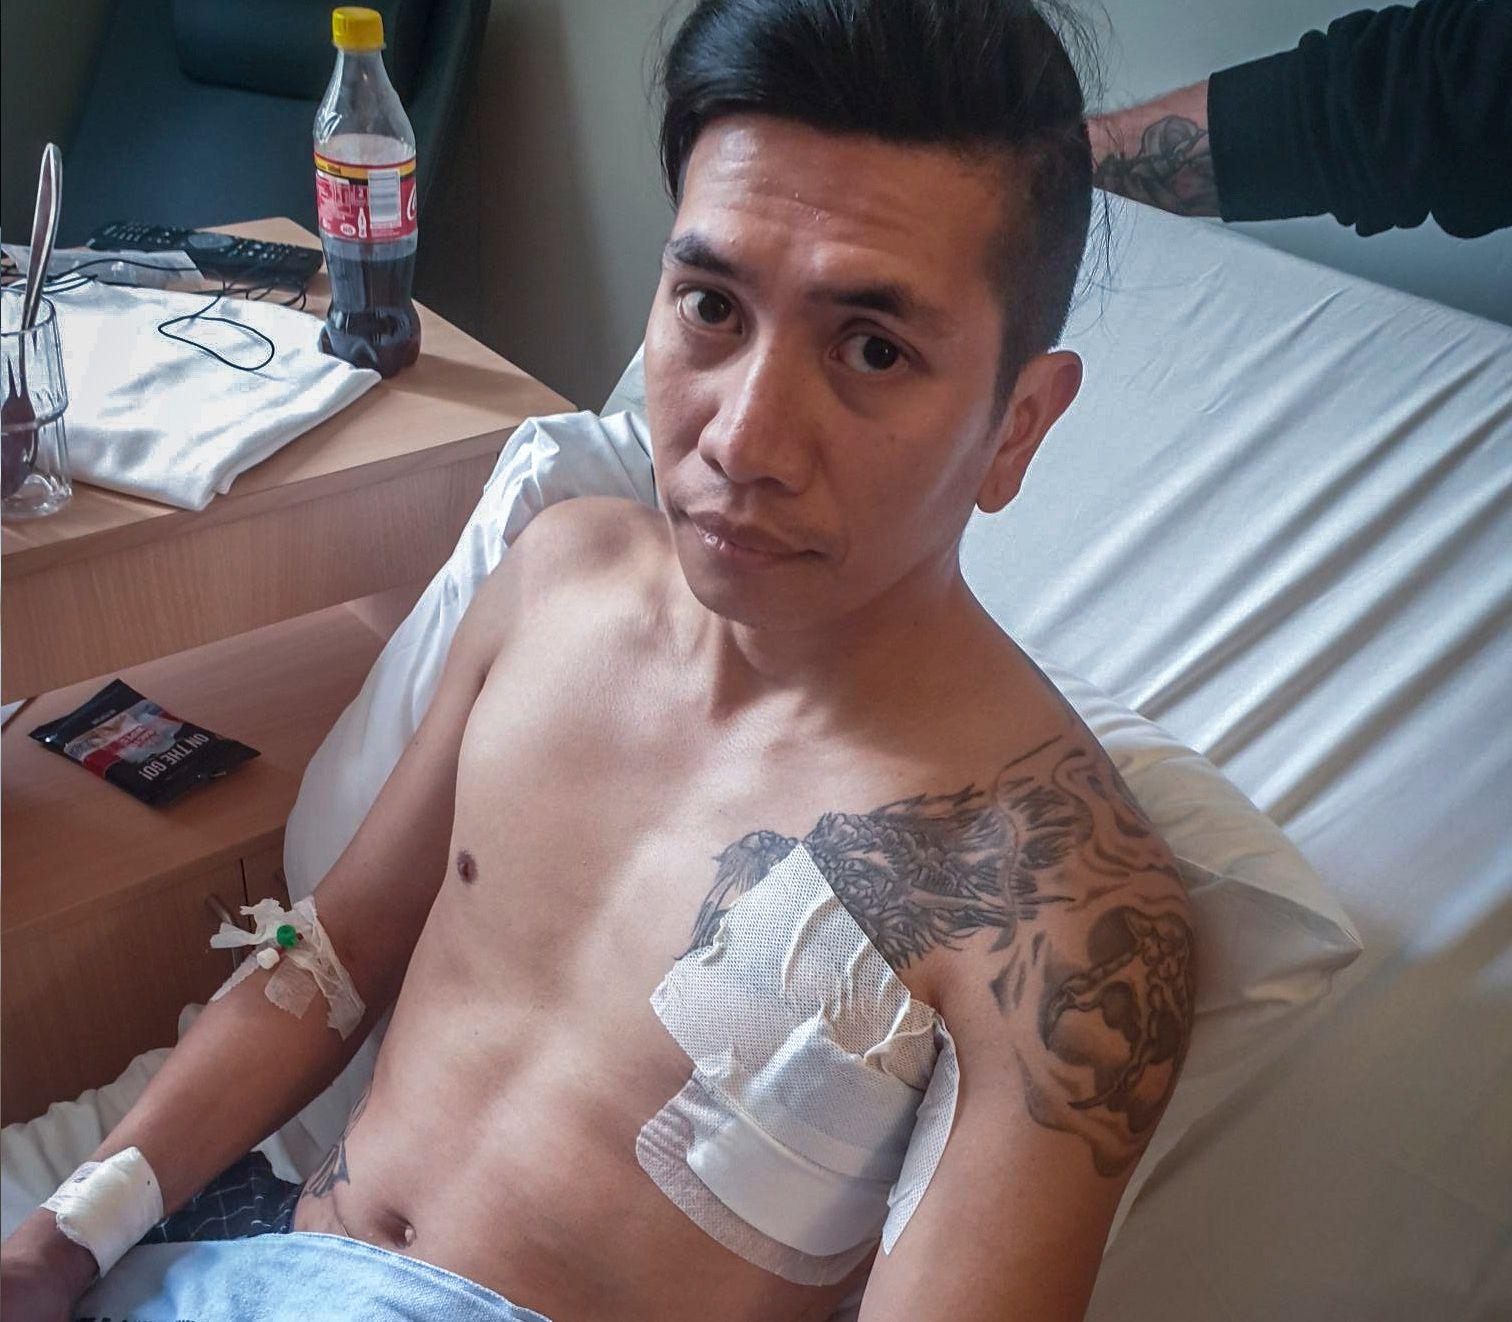 TILFELDIG OFFER: Lehnon Dominguez ble angrepet av en mann med kniv på vei til jobb tirsdag.